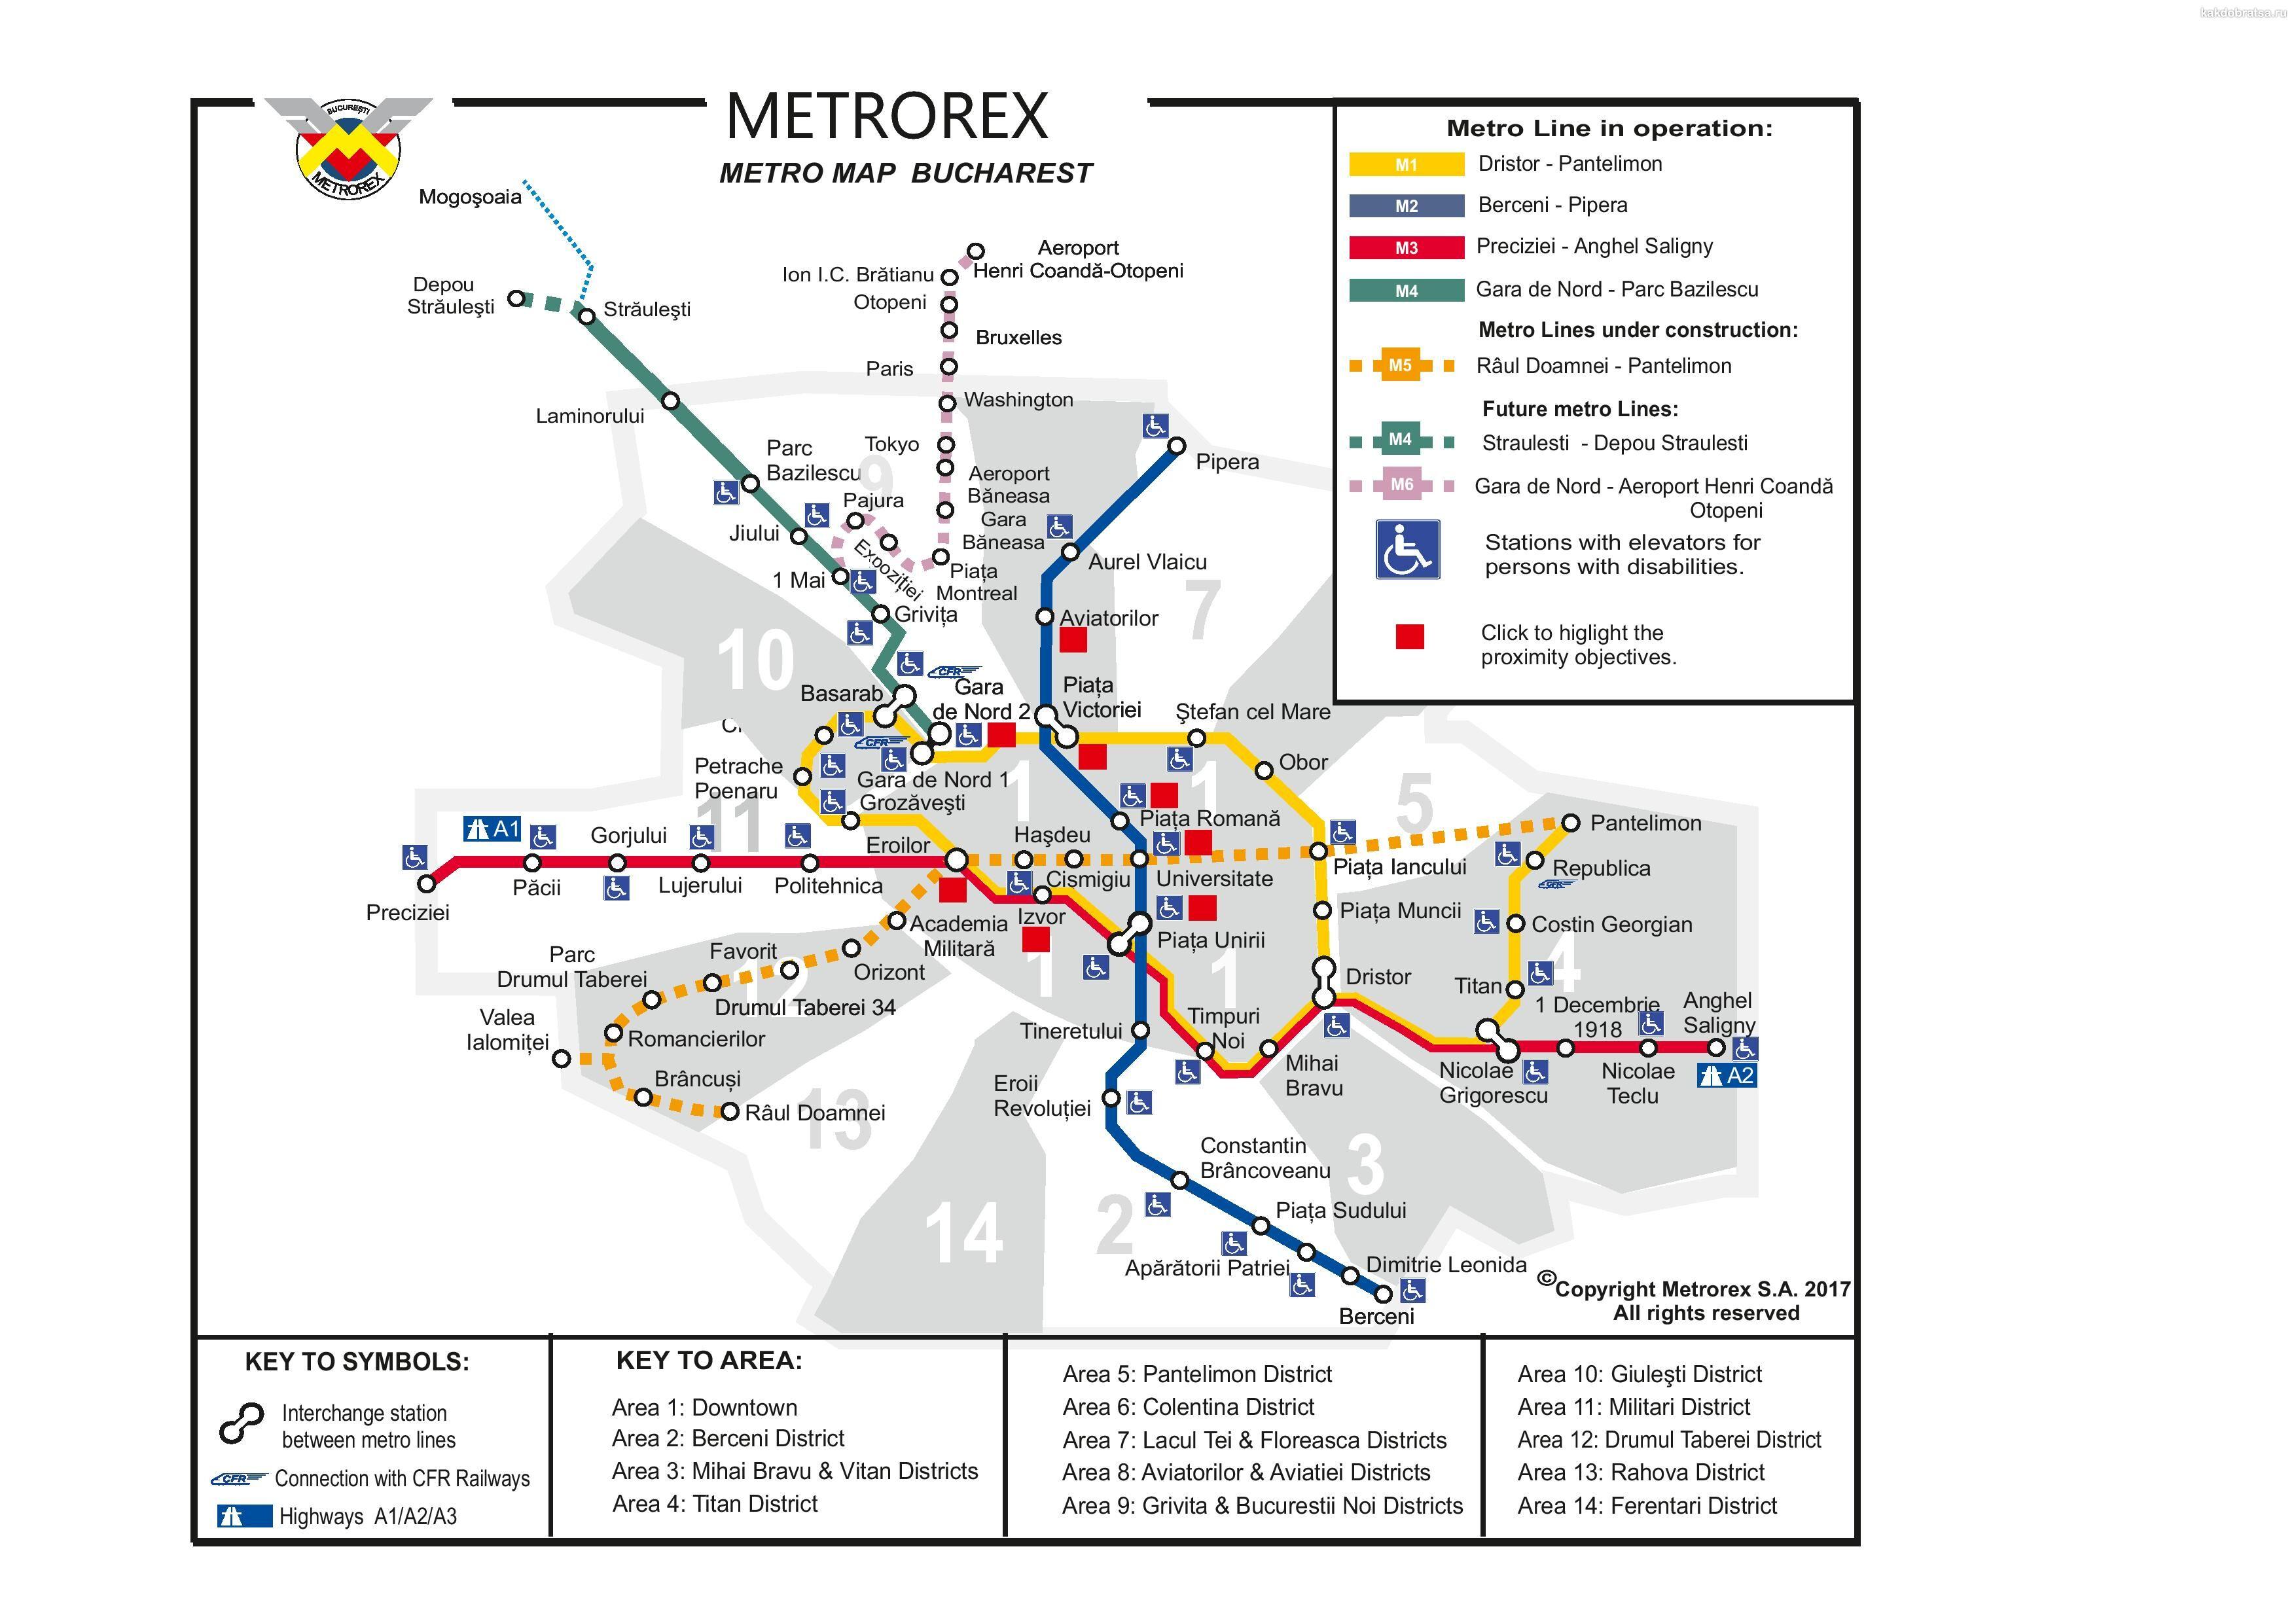 Бухарест метро карта схема в высоком качестве